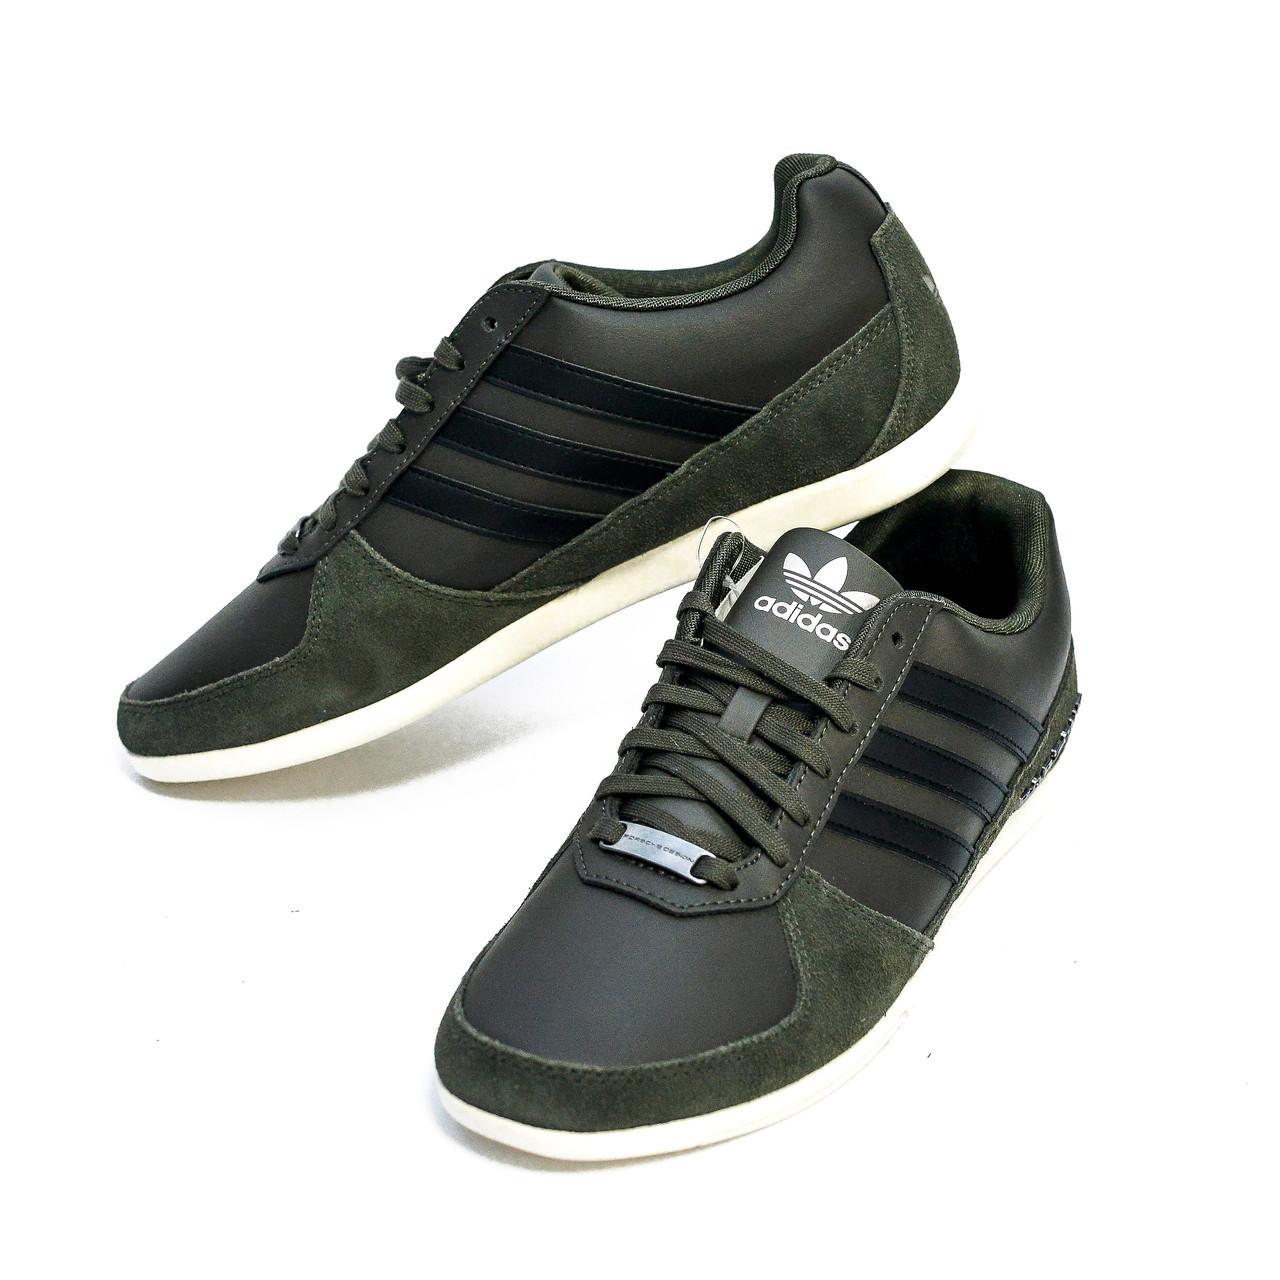 Оригинальные мужские кроссовки Adidas Porsche 360 1.0 - europasport  брендовый магазин спортивнои одежды и обуви в 21e744e5cbd